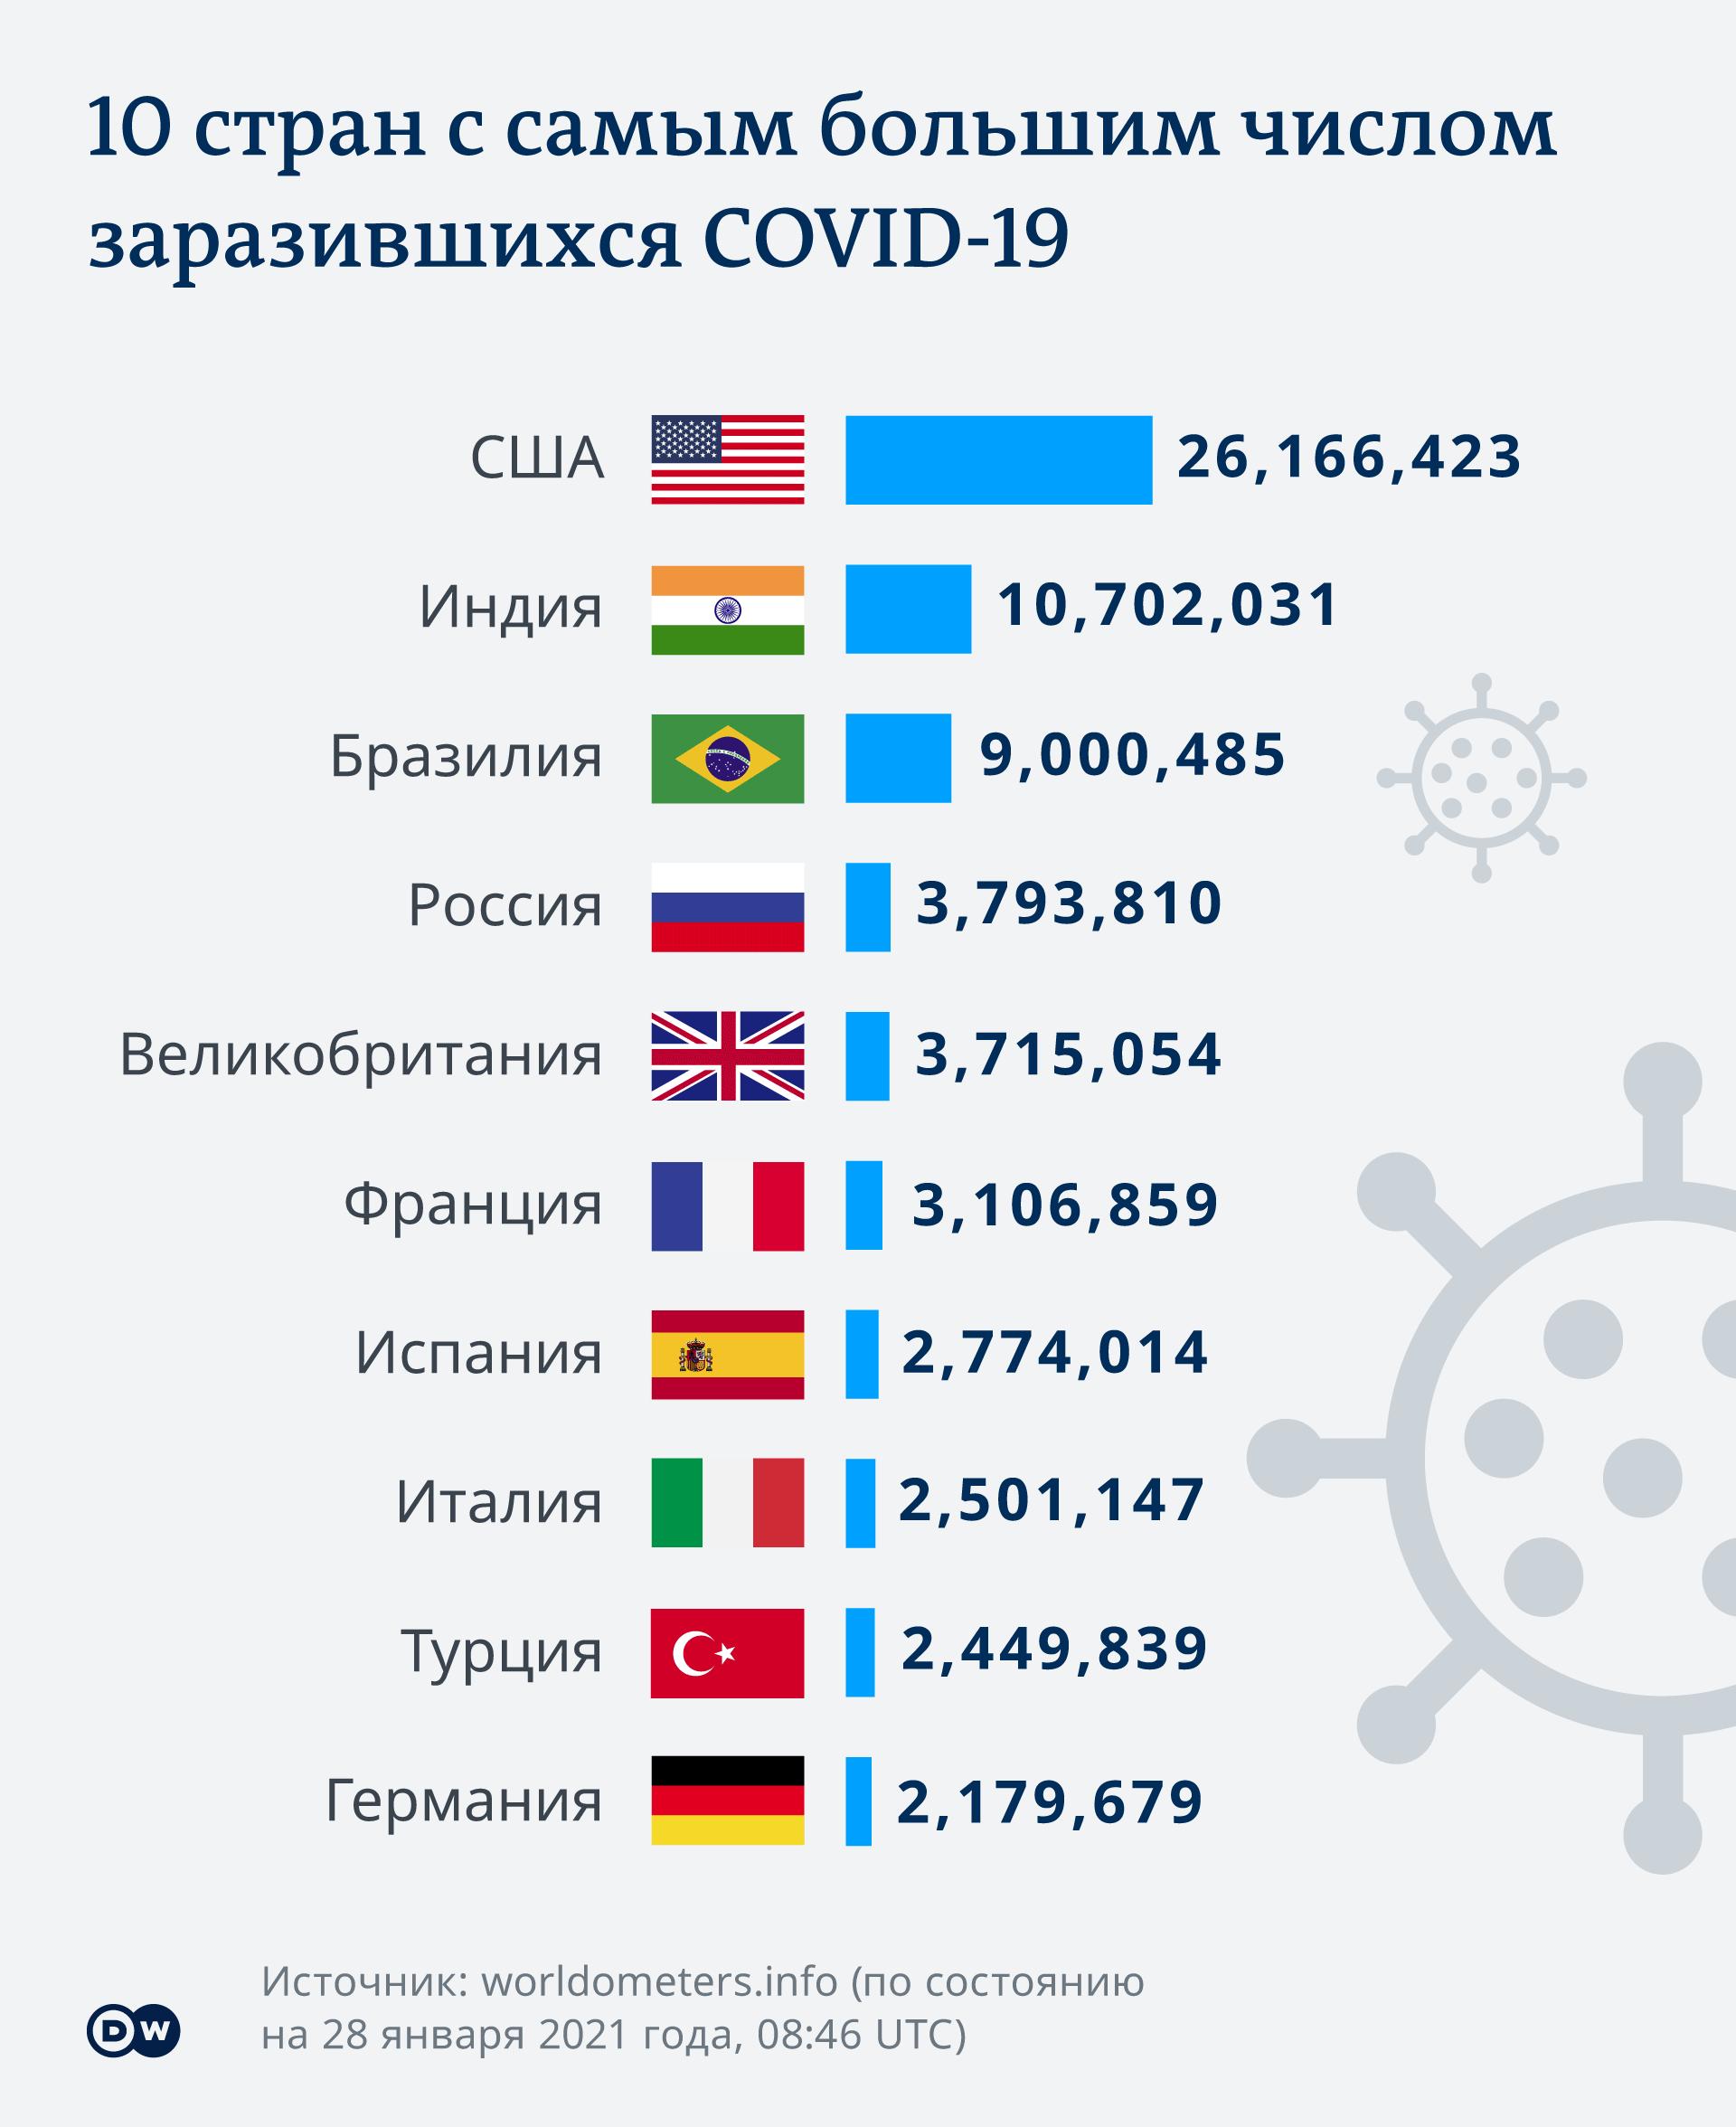 Infografik - Die zehn am stärksten von COVID-19 betroffenen Länder - RU